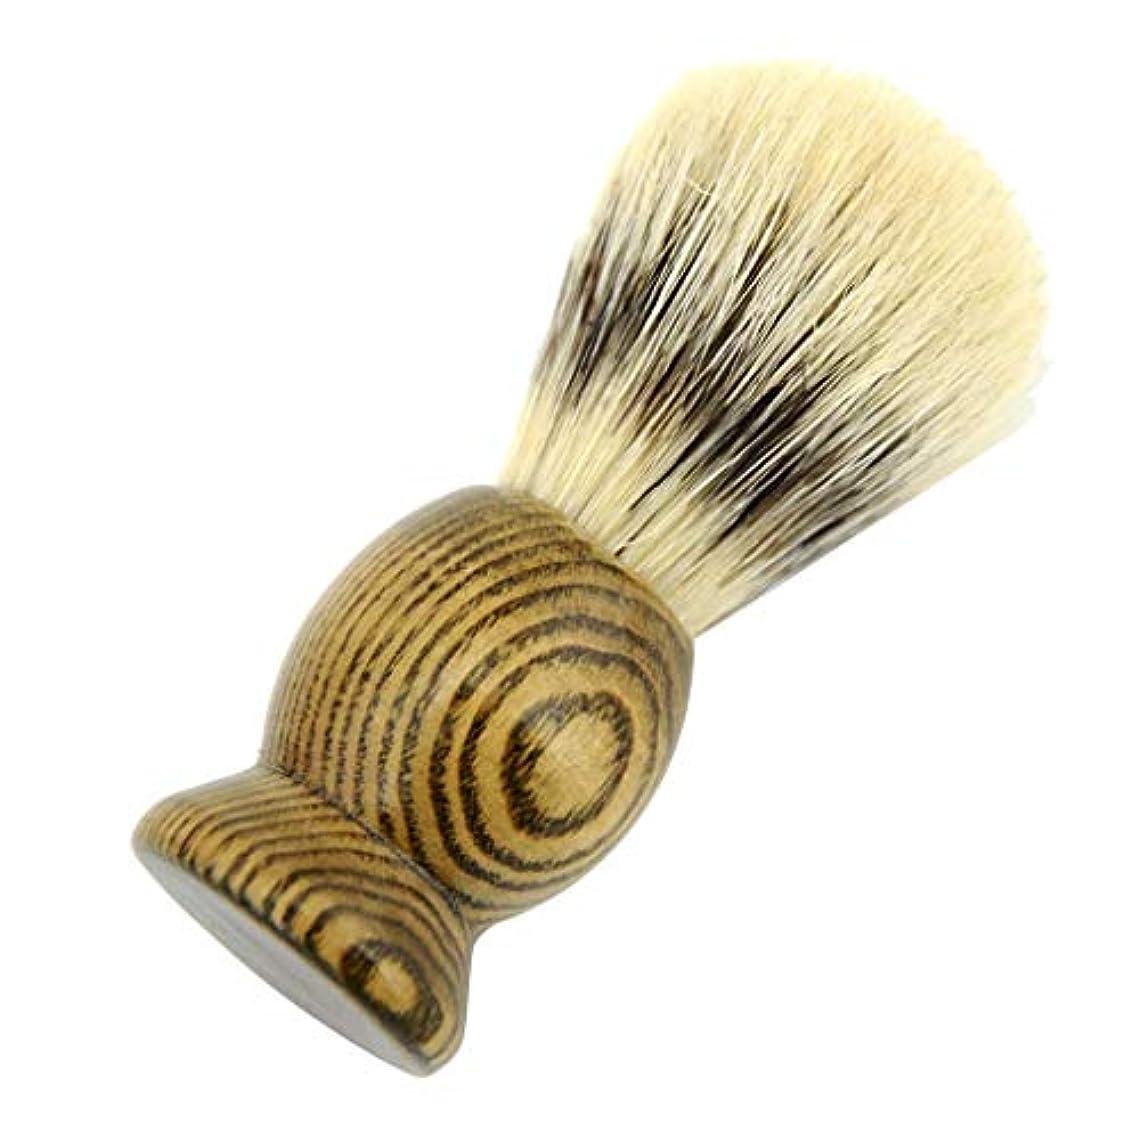 撃退するデータ同性愛者sharprepublic ひげブラシ メンズ シェービングブラシ 髭剃り 理容 洗顔 ポータブルひげ剃り美容ツール